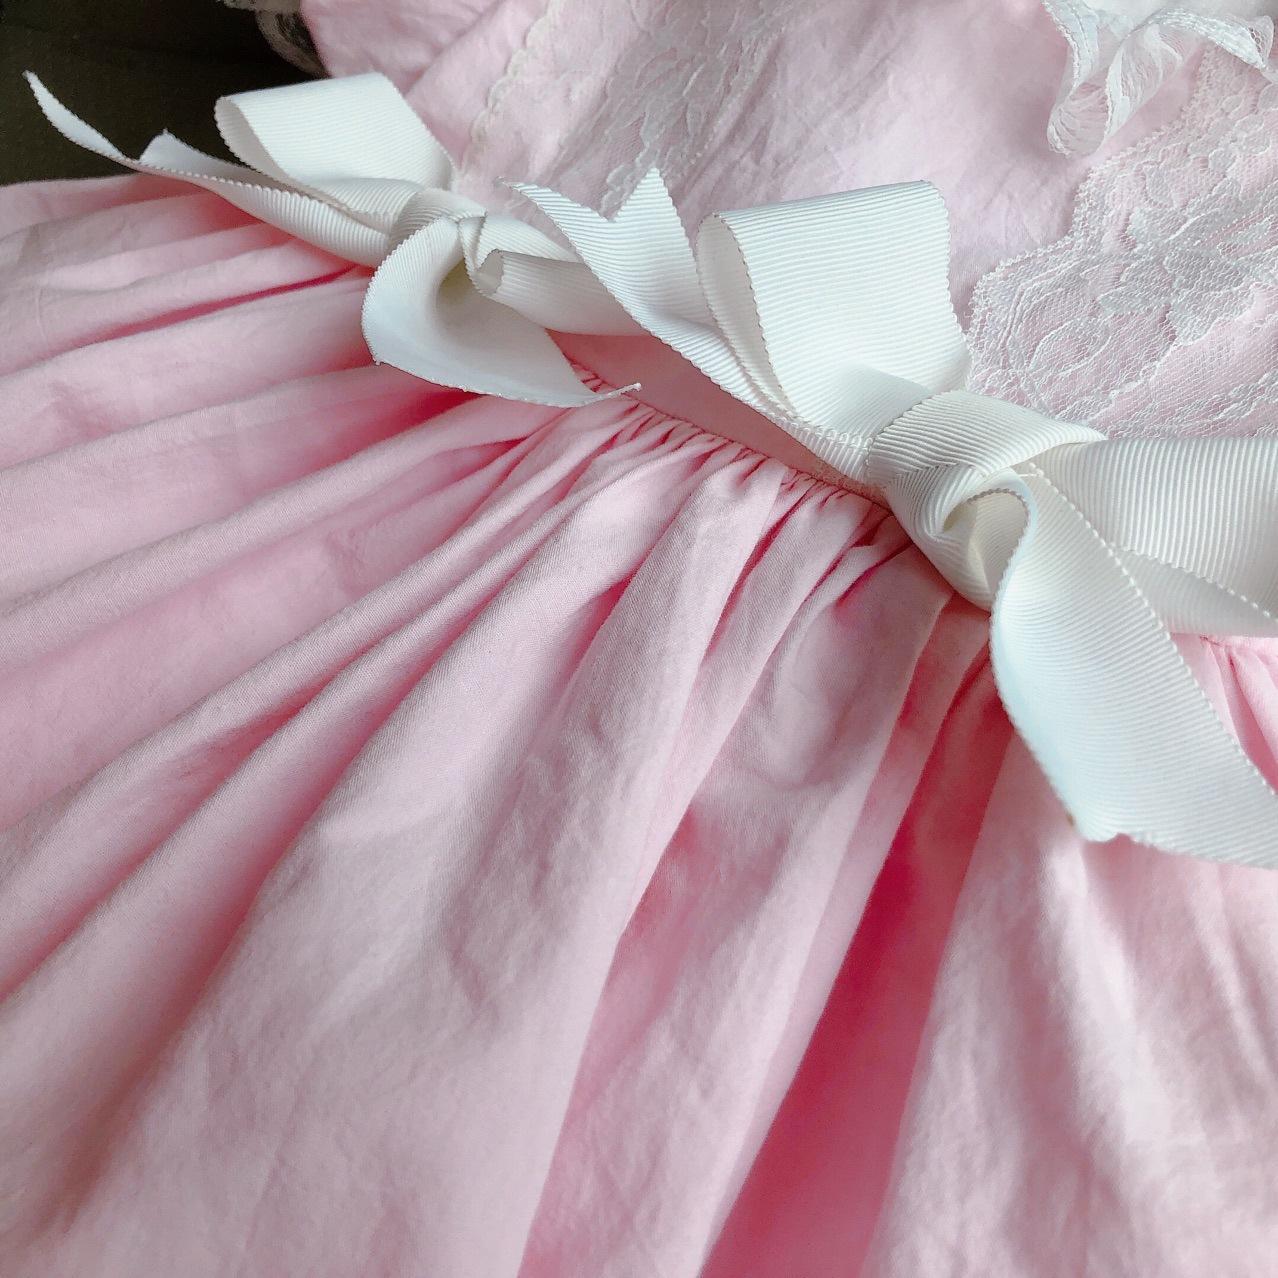 Bébé Filles Magnifique Espagnol Style Blanc Rose Floral /& Bow robe